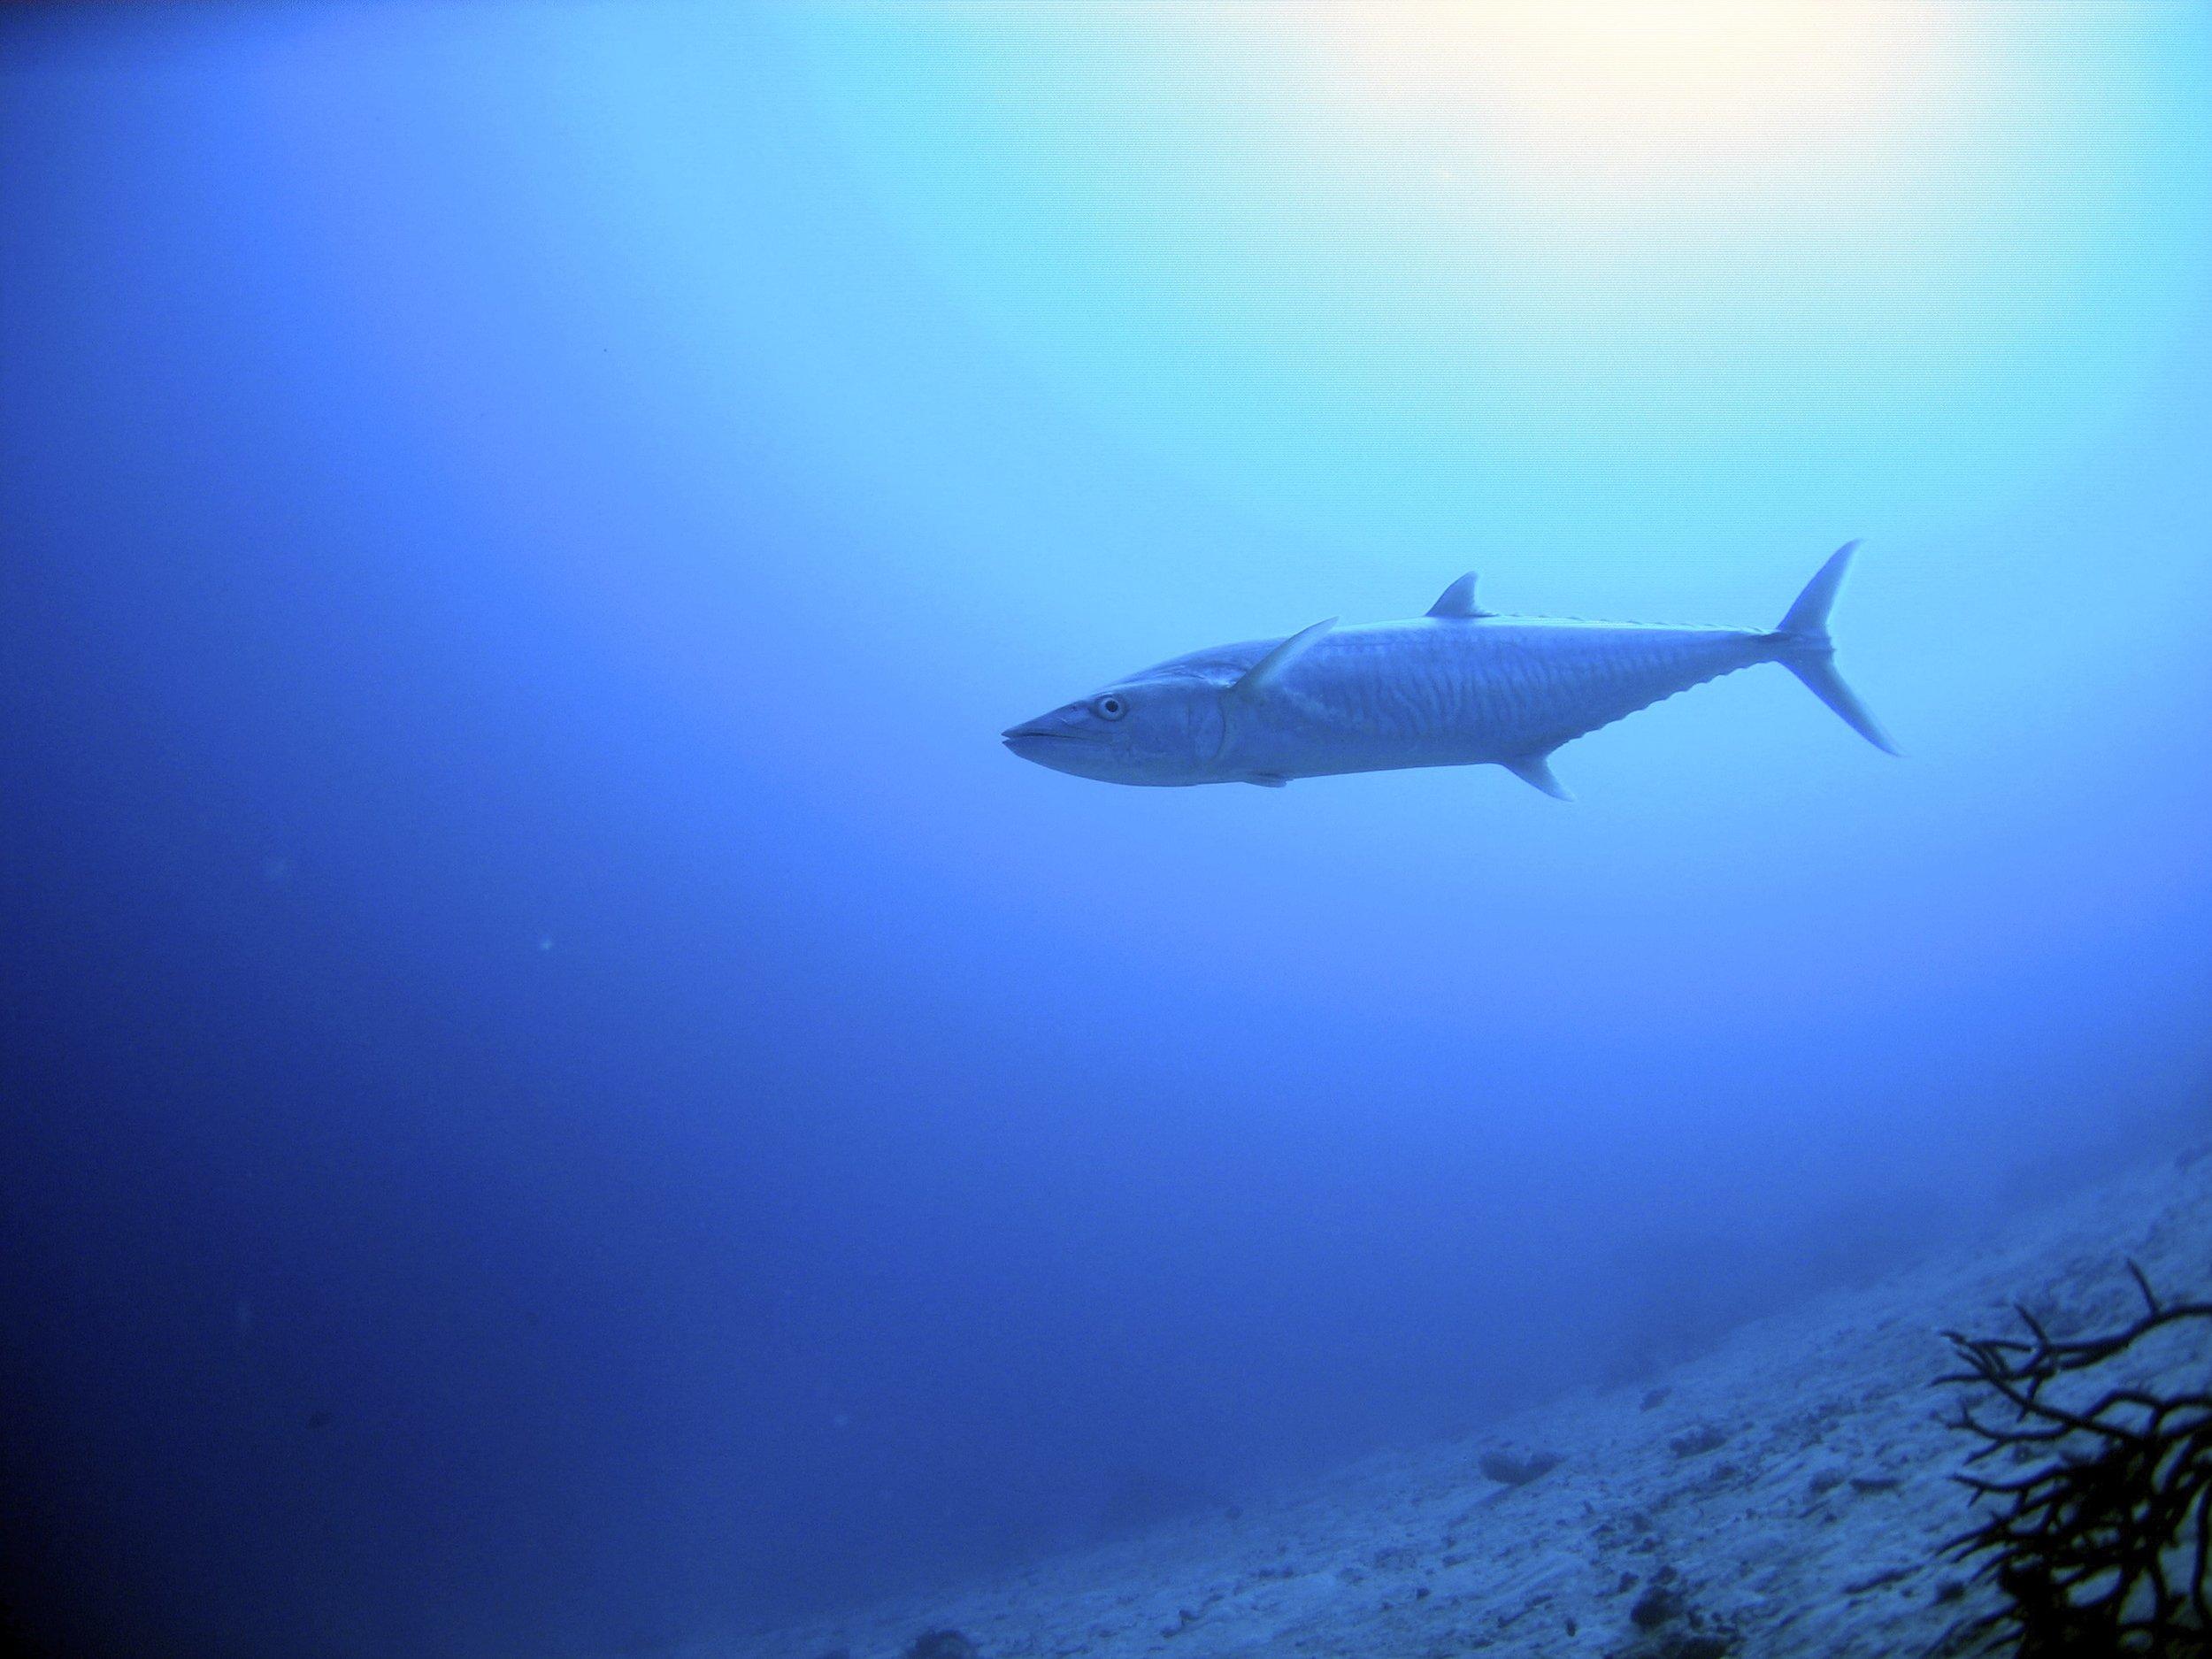 Mackerel - Lizard Island, GBR 2006